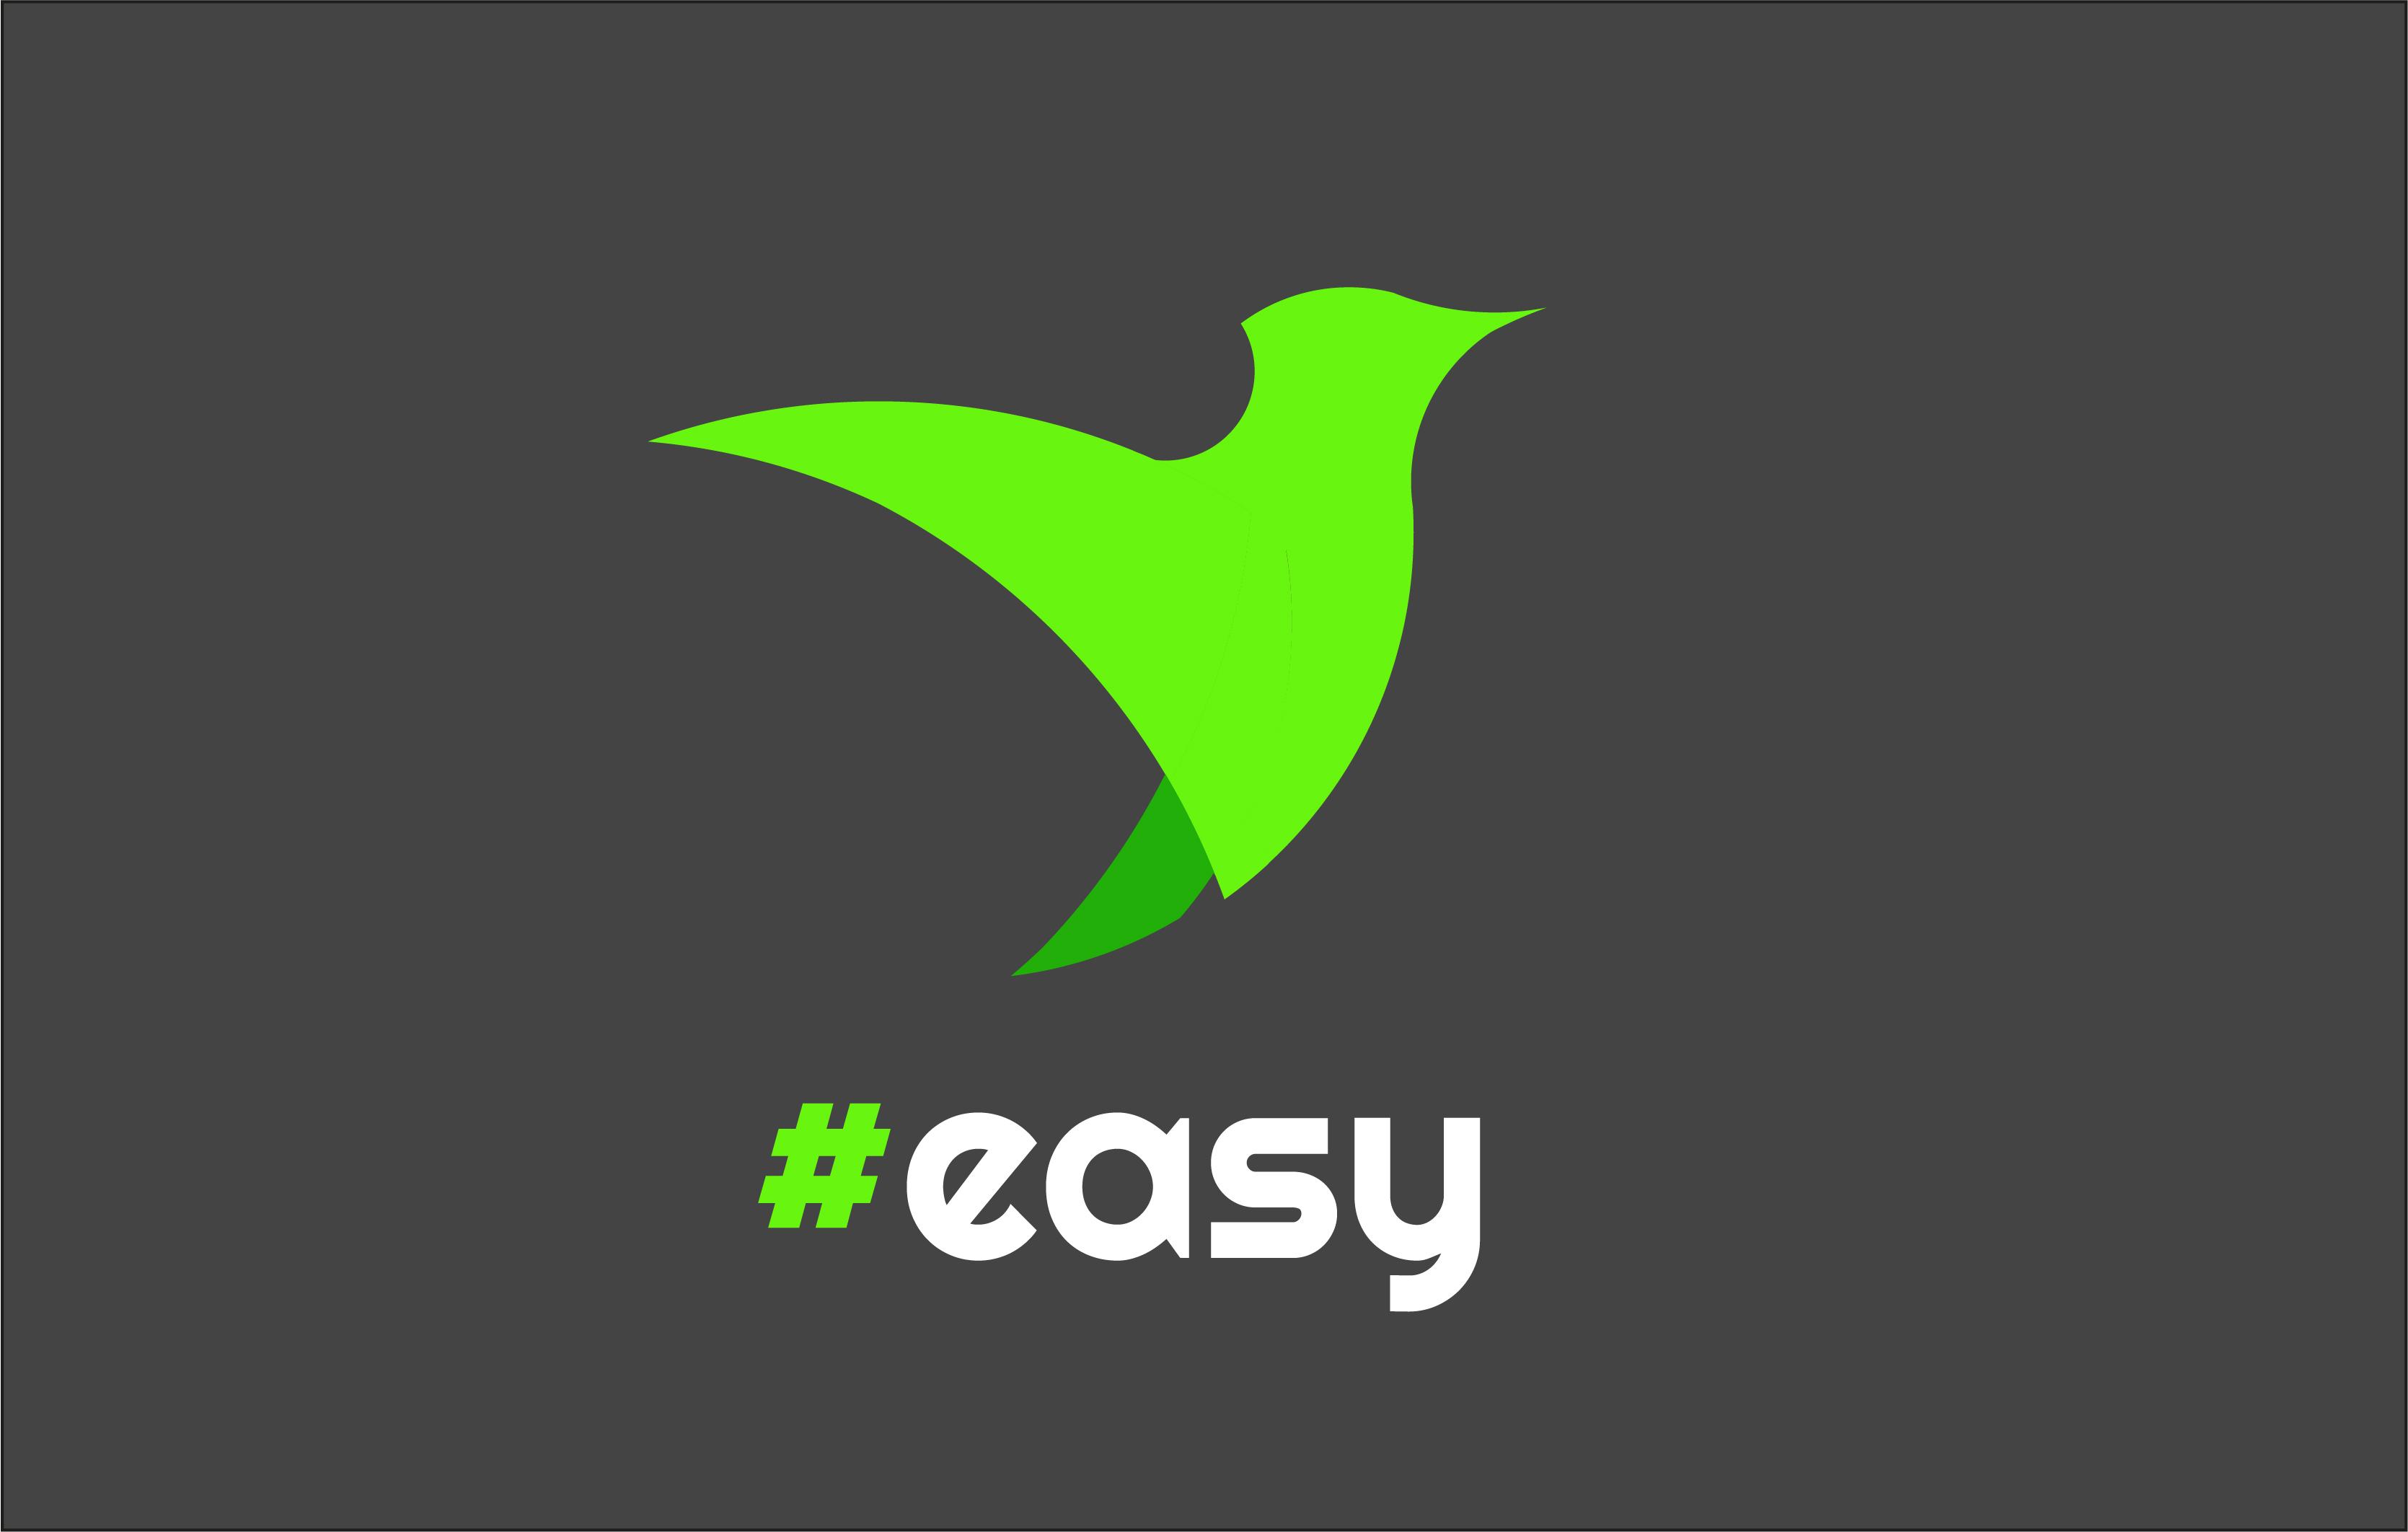 Разработка логотипа в виде хэштега #easy с зеленой колибри  фото f_7315d4f4b8c92813.jpg